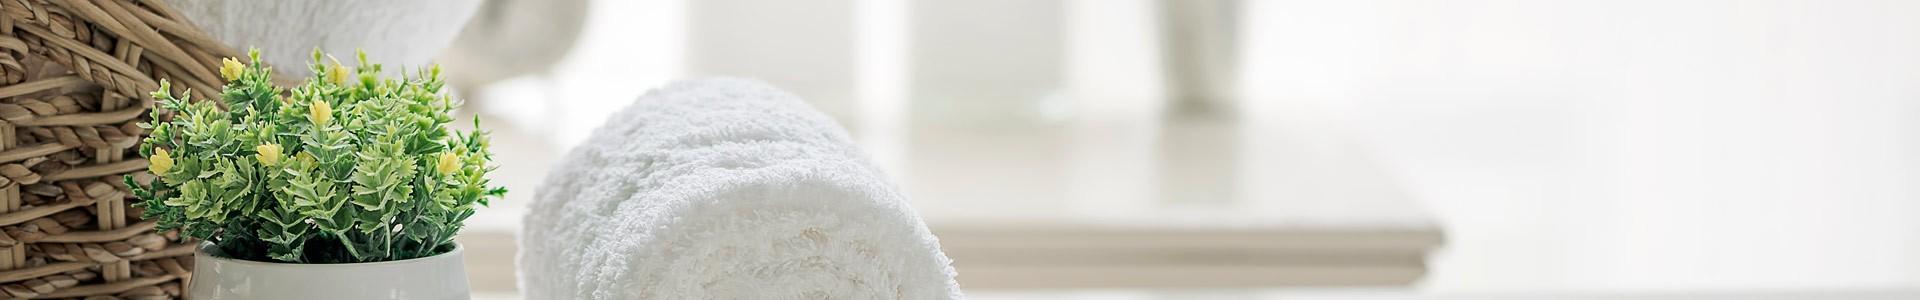 Accessoires und Zubehör für Beauty-Produkte